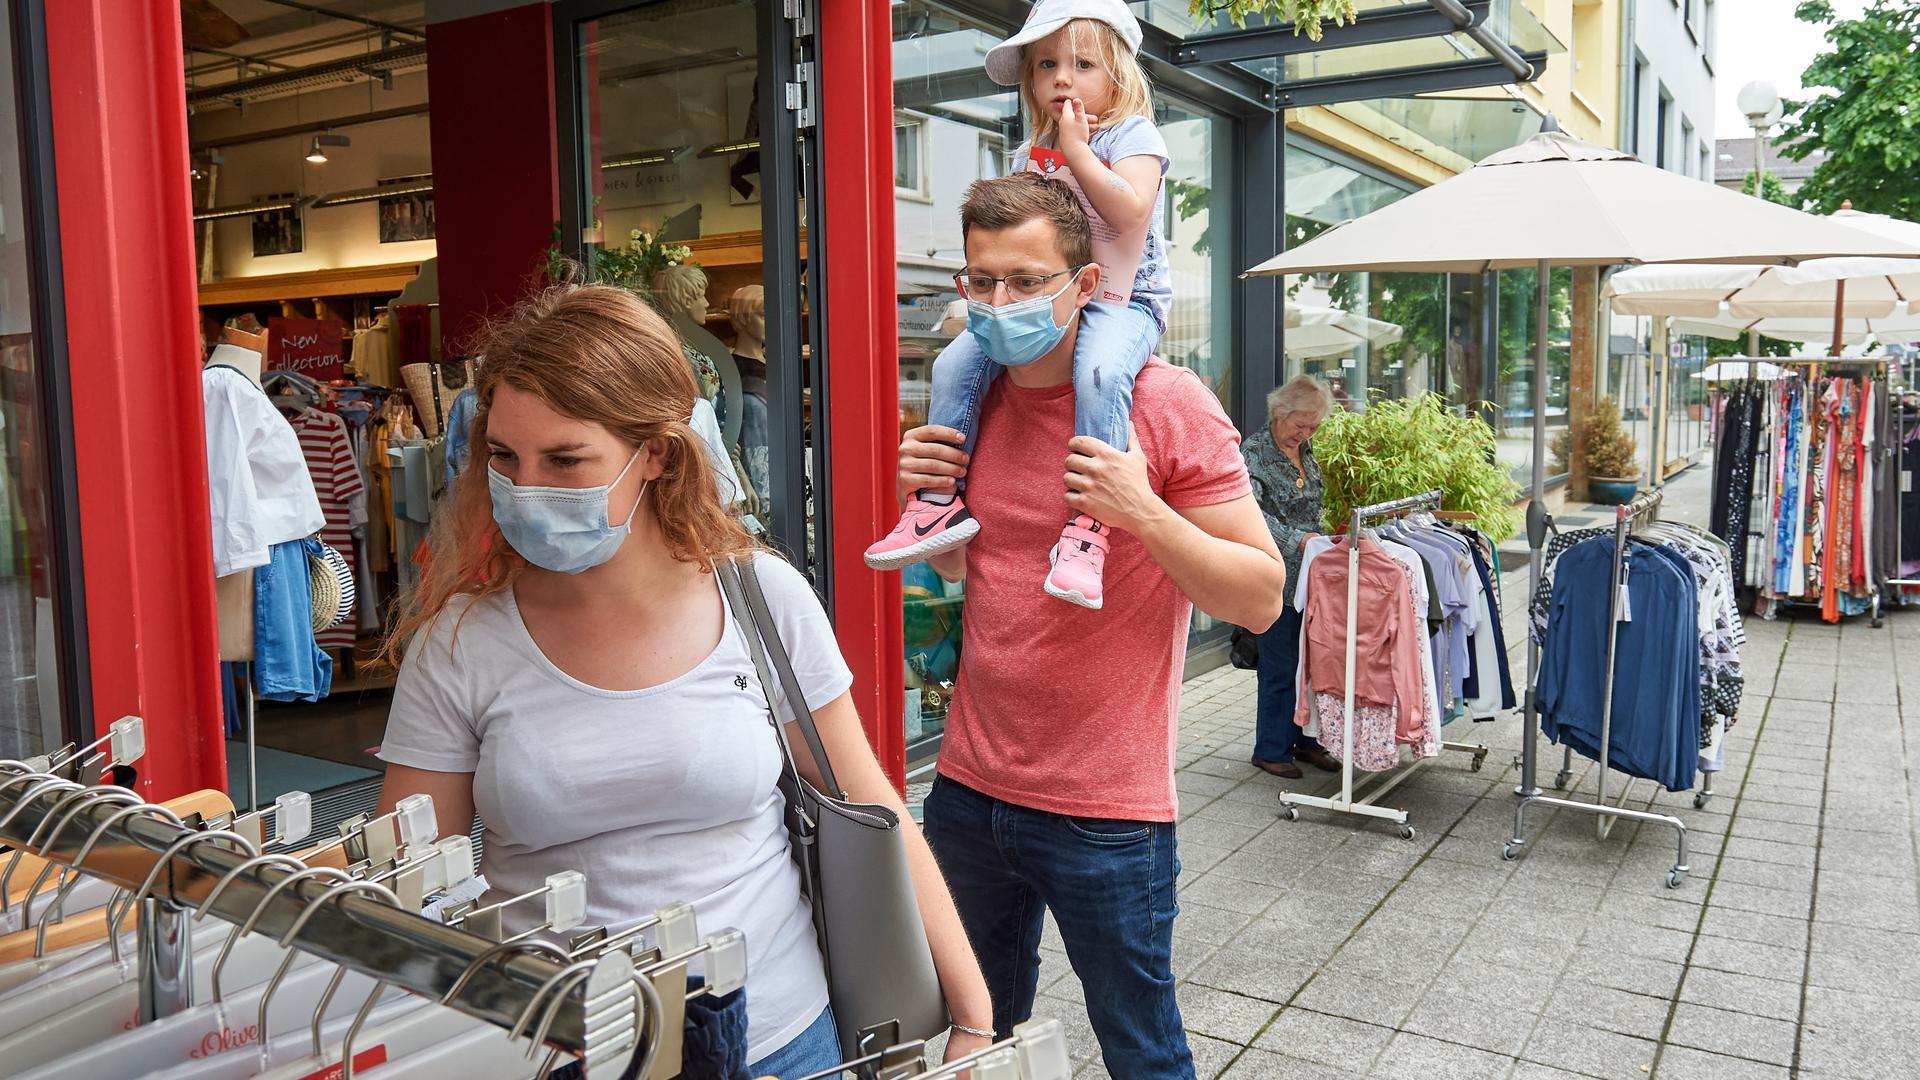 Mann, Frau und Kind beim Einkaufen in Bruchsal Hoheneggerstraße